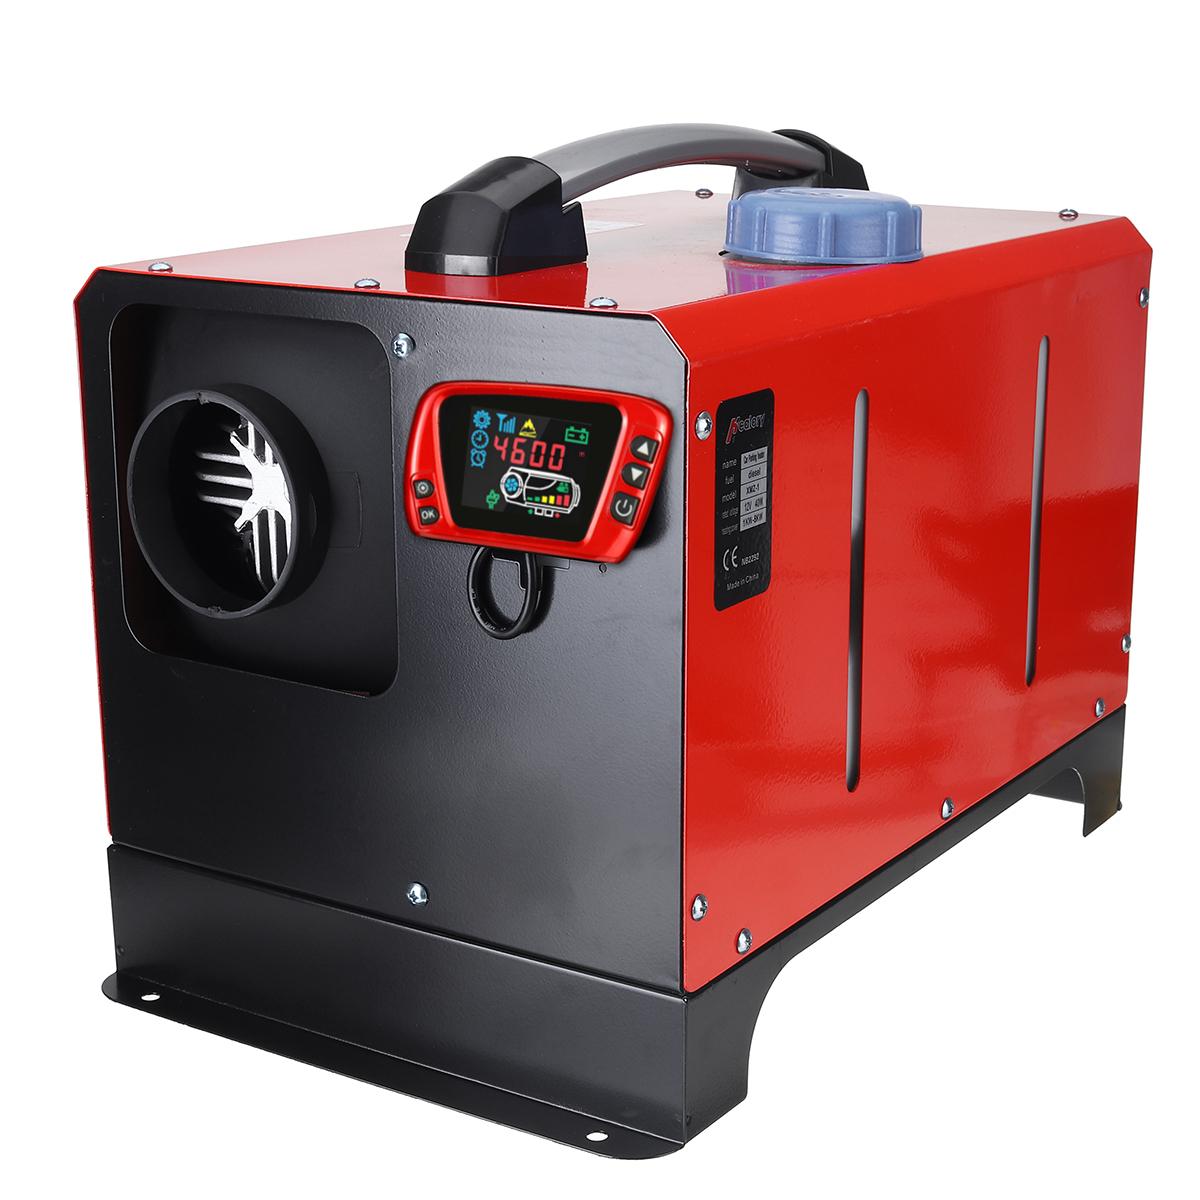 Все в One Единица 1-8KW 12V Авто Отопление Инструмент Diesel Air Нагреватель Одно отверстие LCD Монитор Парковочный обогреватель для Авто Грузовой ав